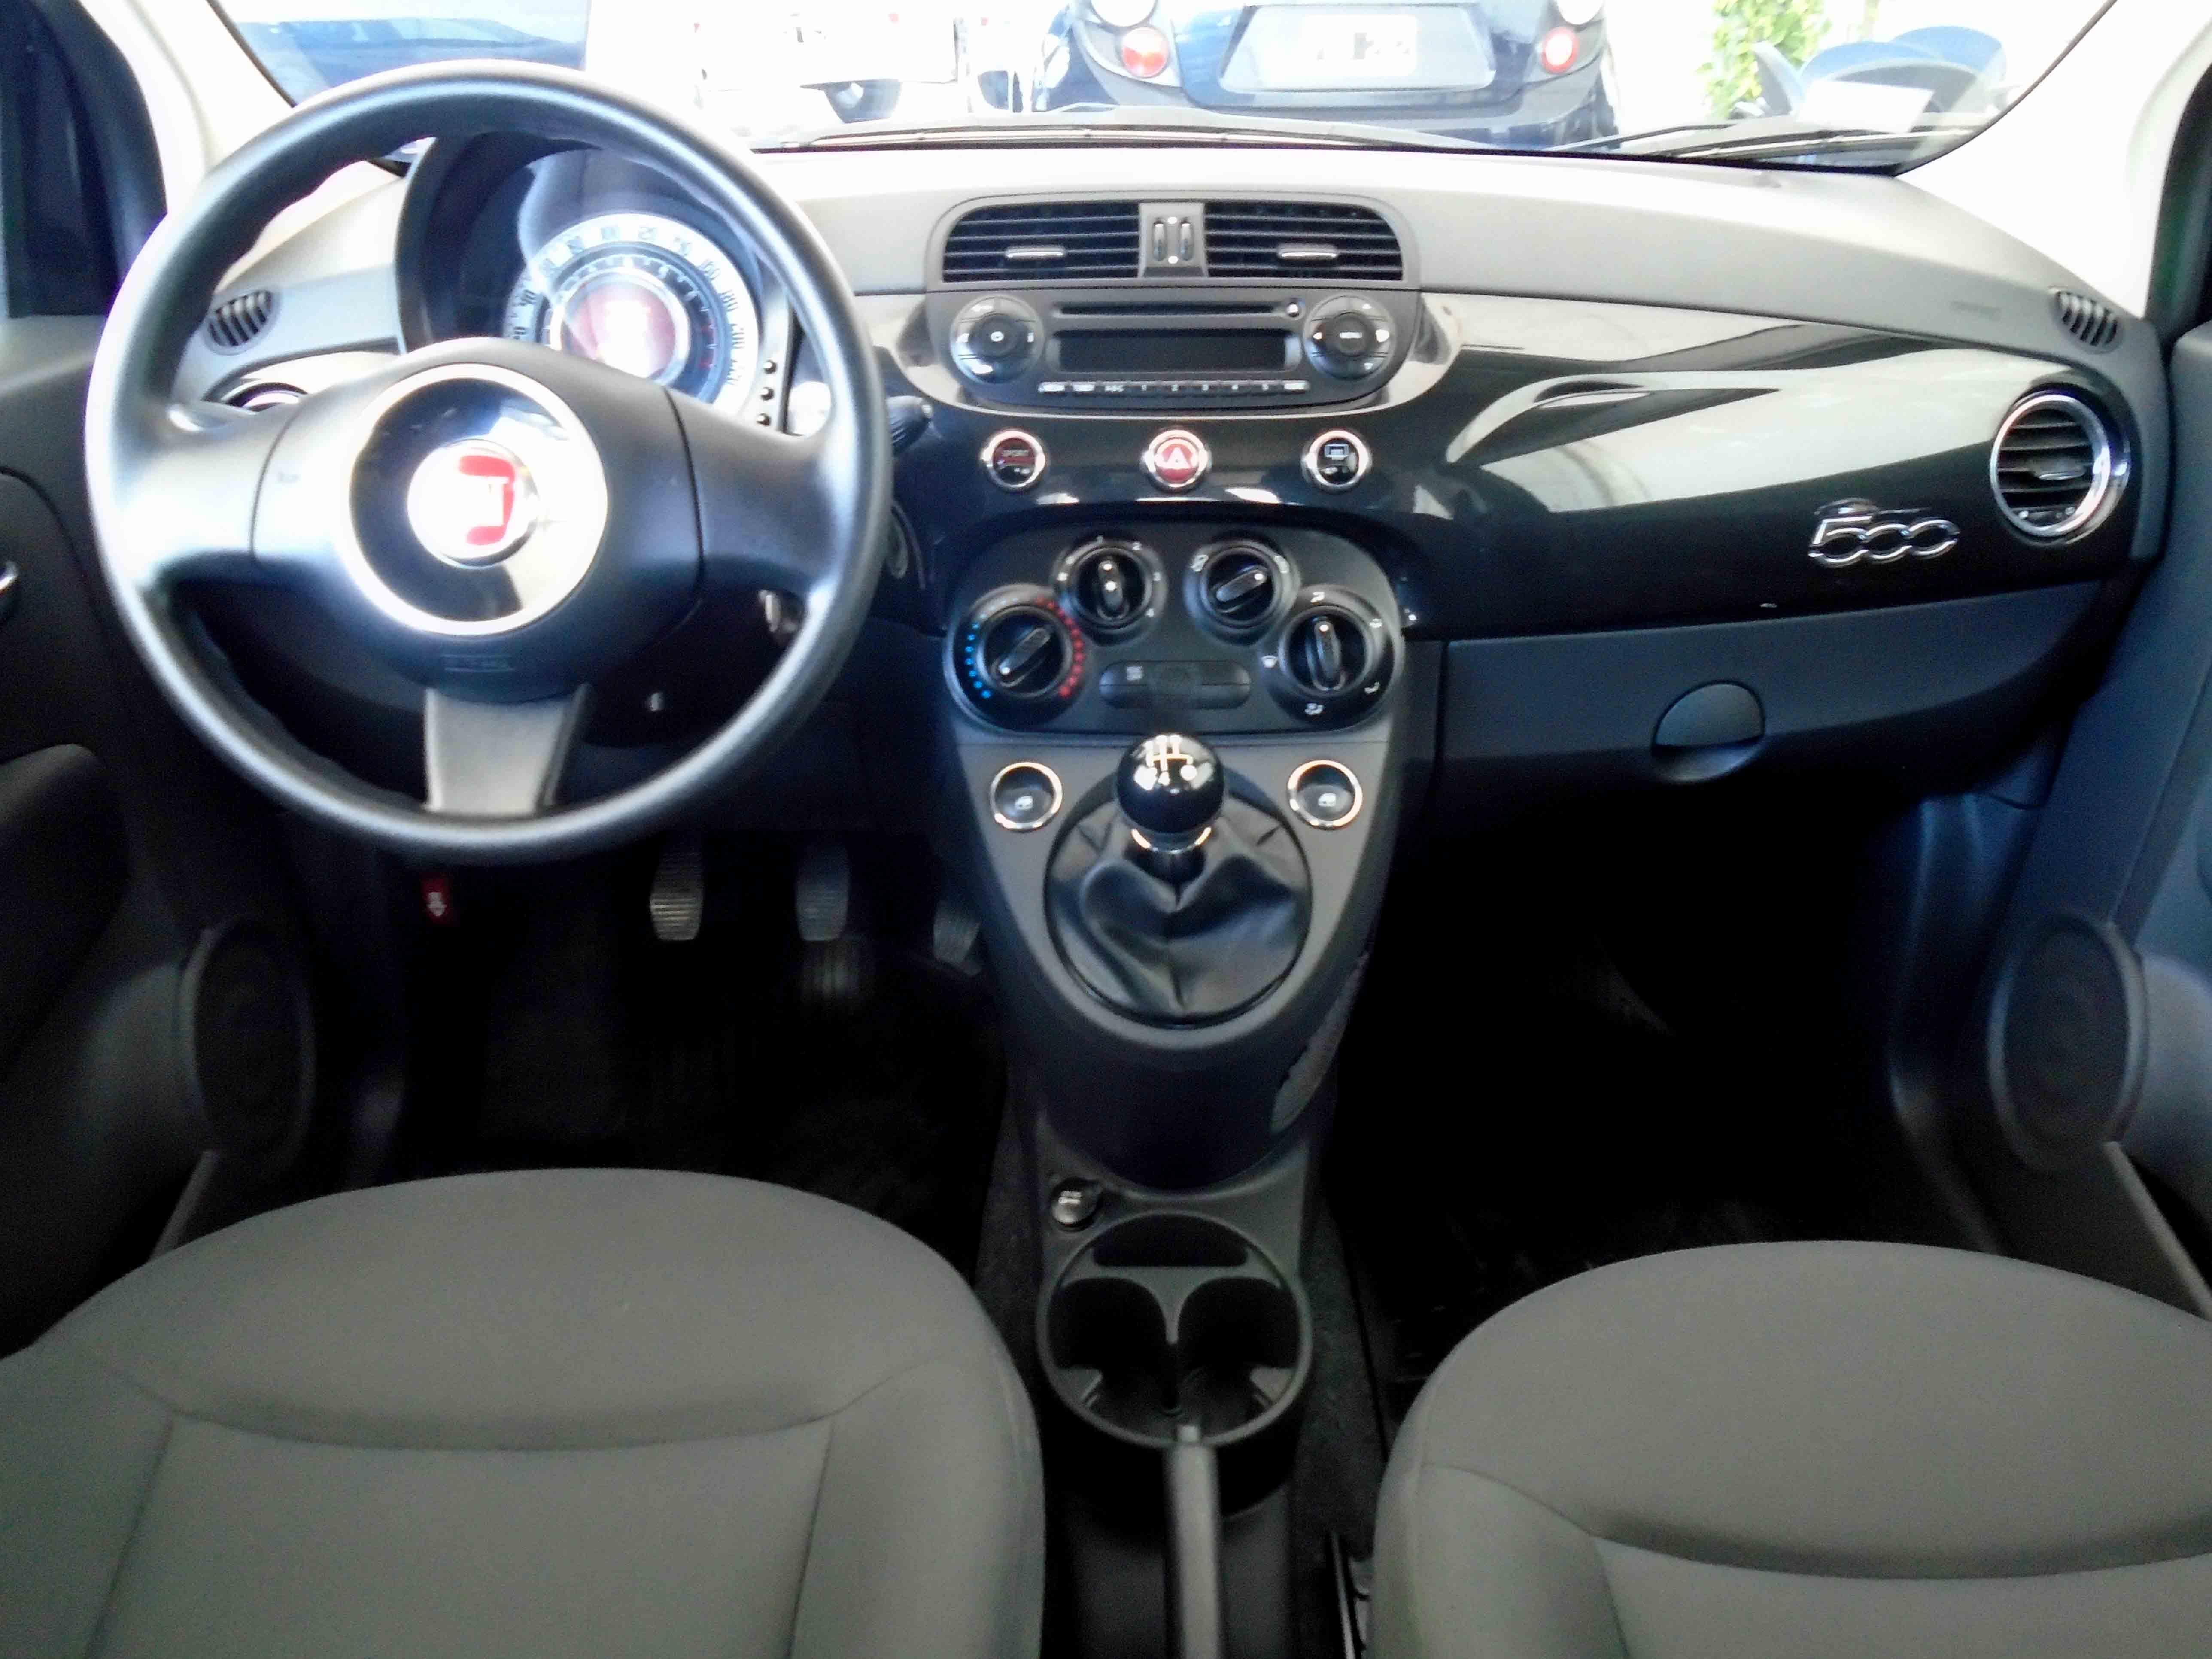 2012 FIAT 500 CULT 8V 1,4